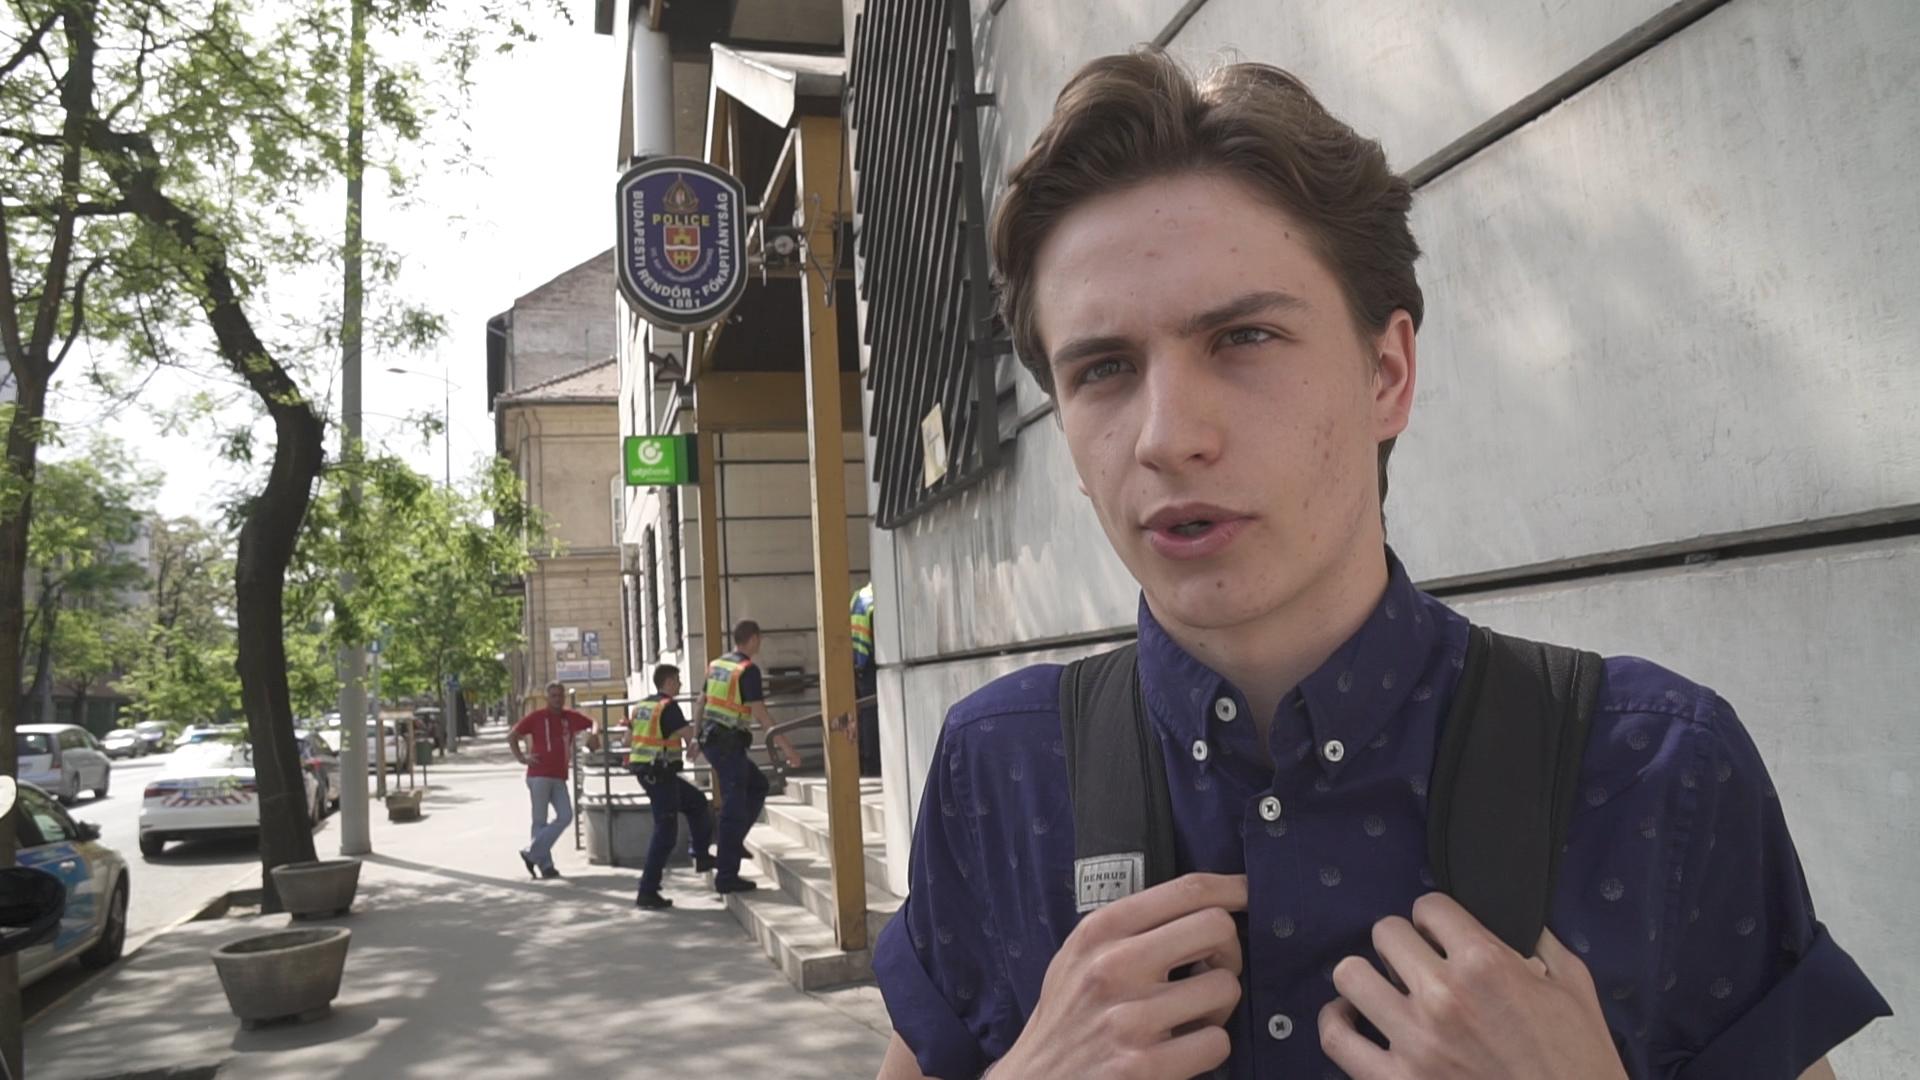 Elment egy diáktüntetésre, majd beidézték a rendőrségre